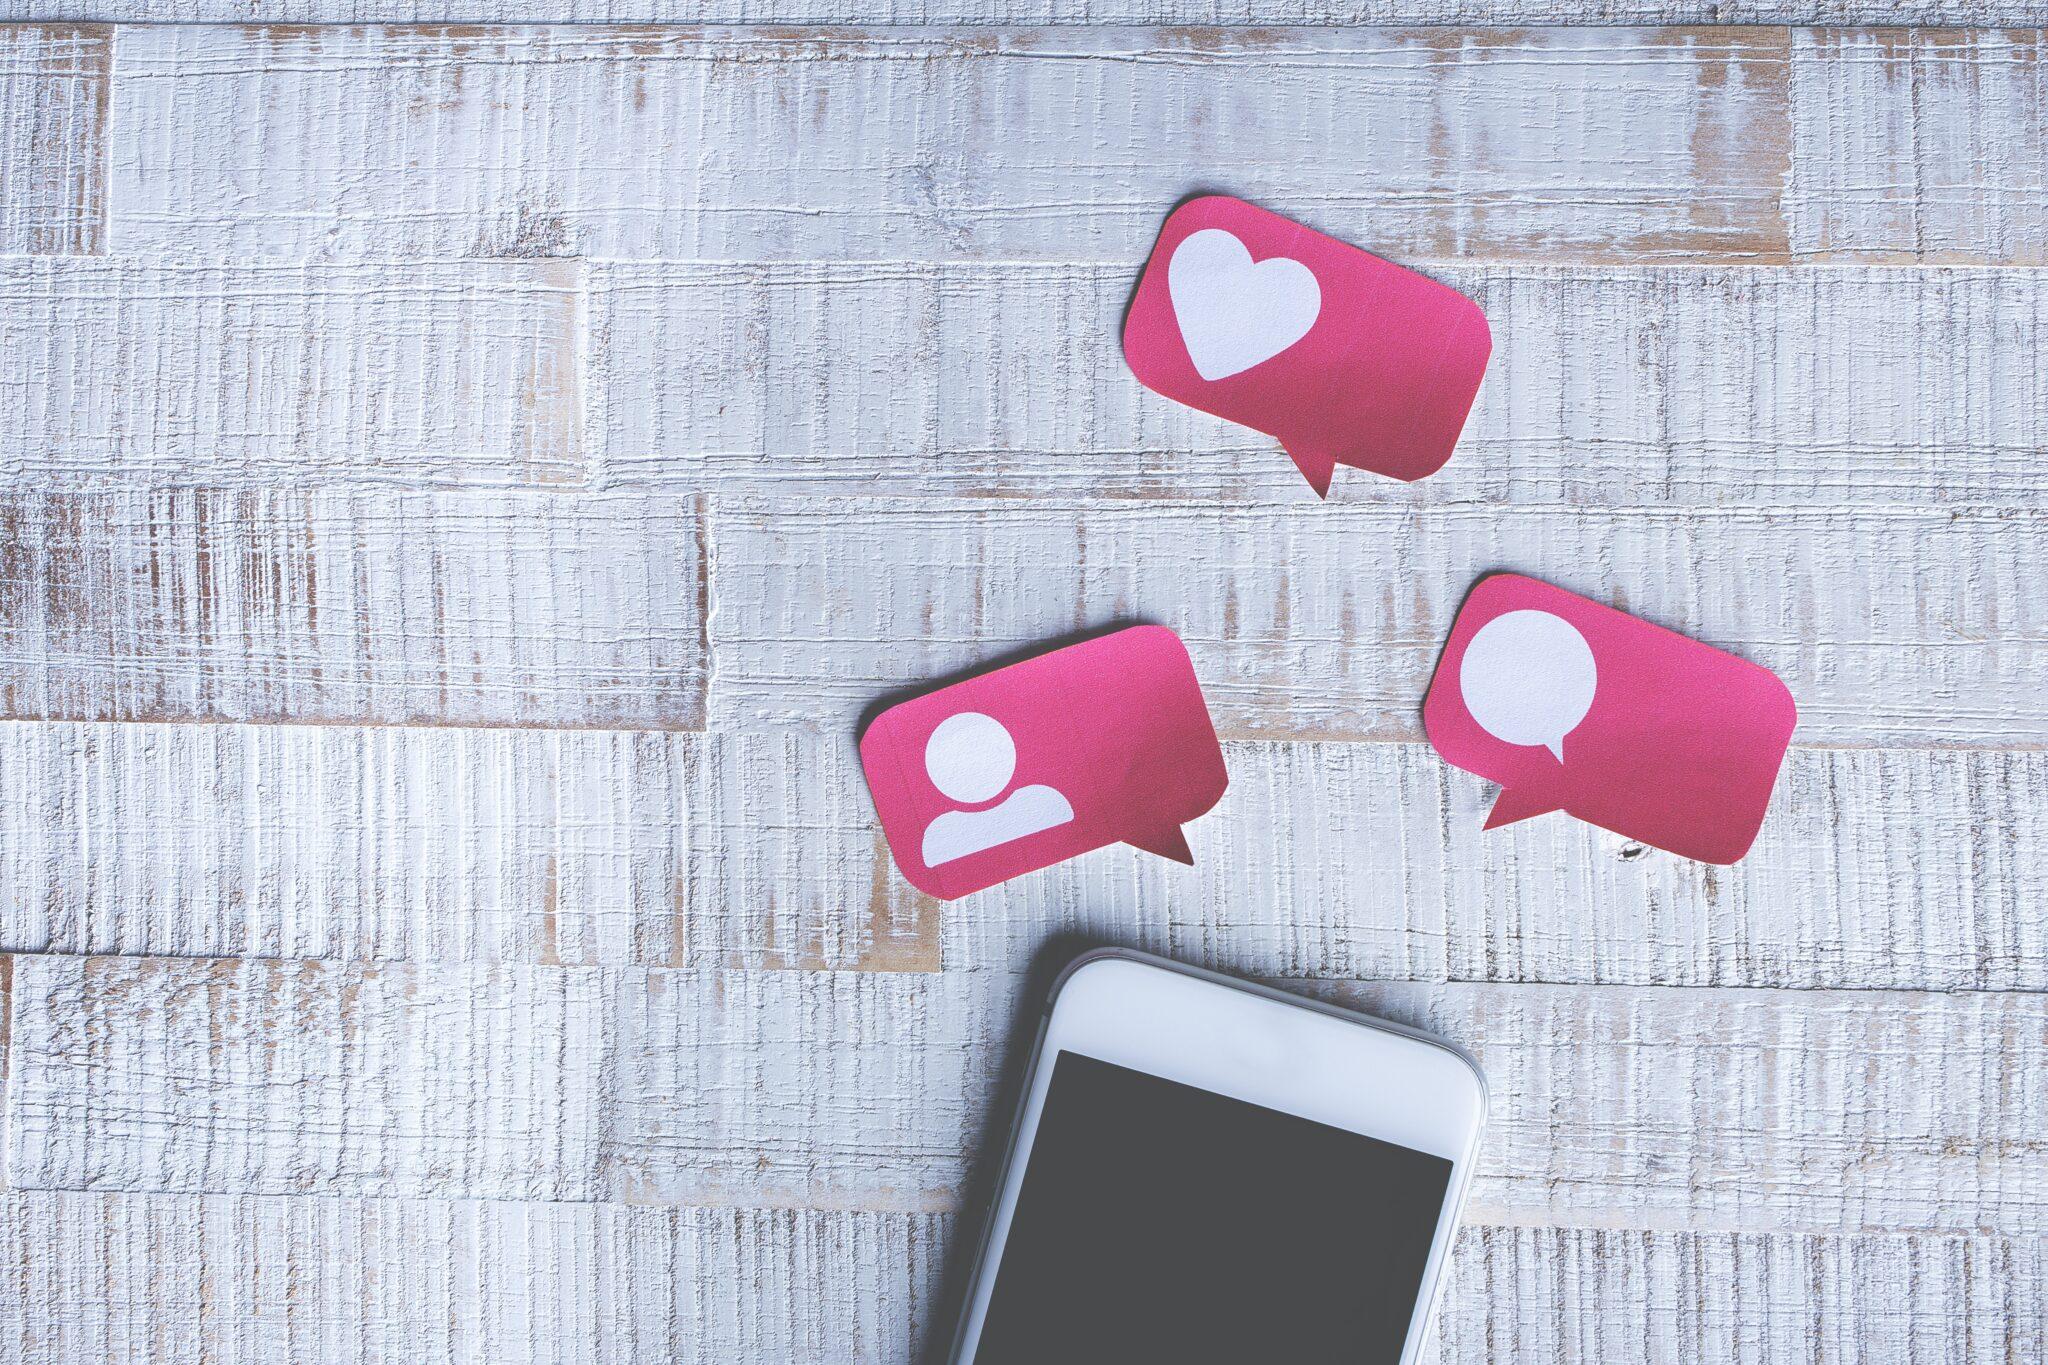 ȘTIRI DIN ONLINE | MAI: printre statistici și cyberbullying